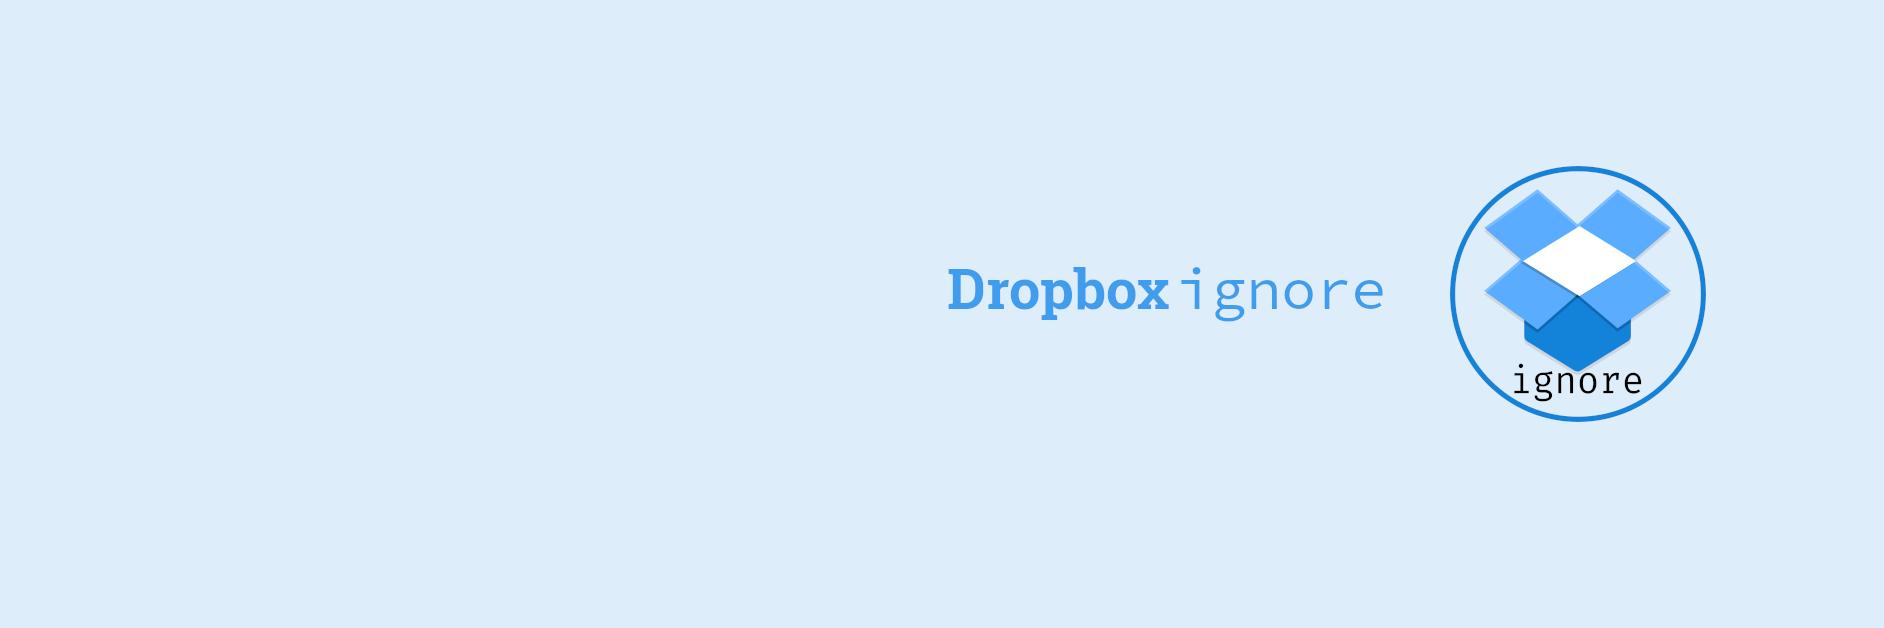 dropboxignore banner